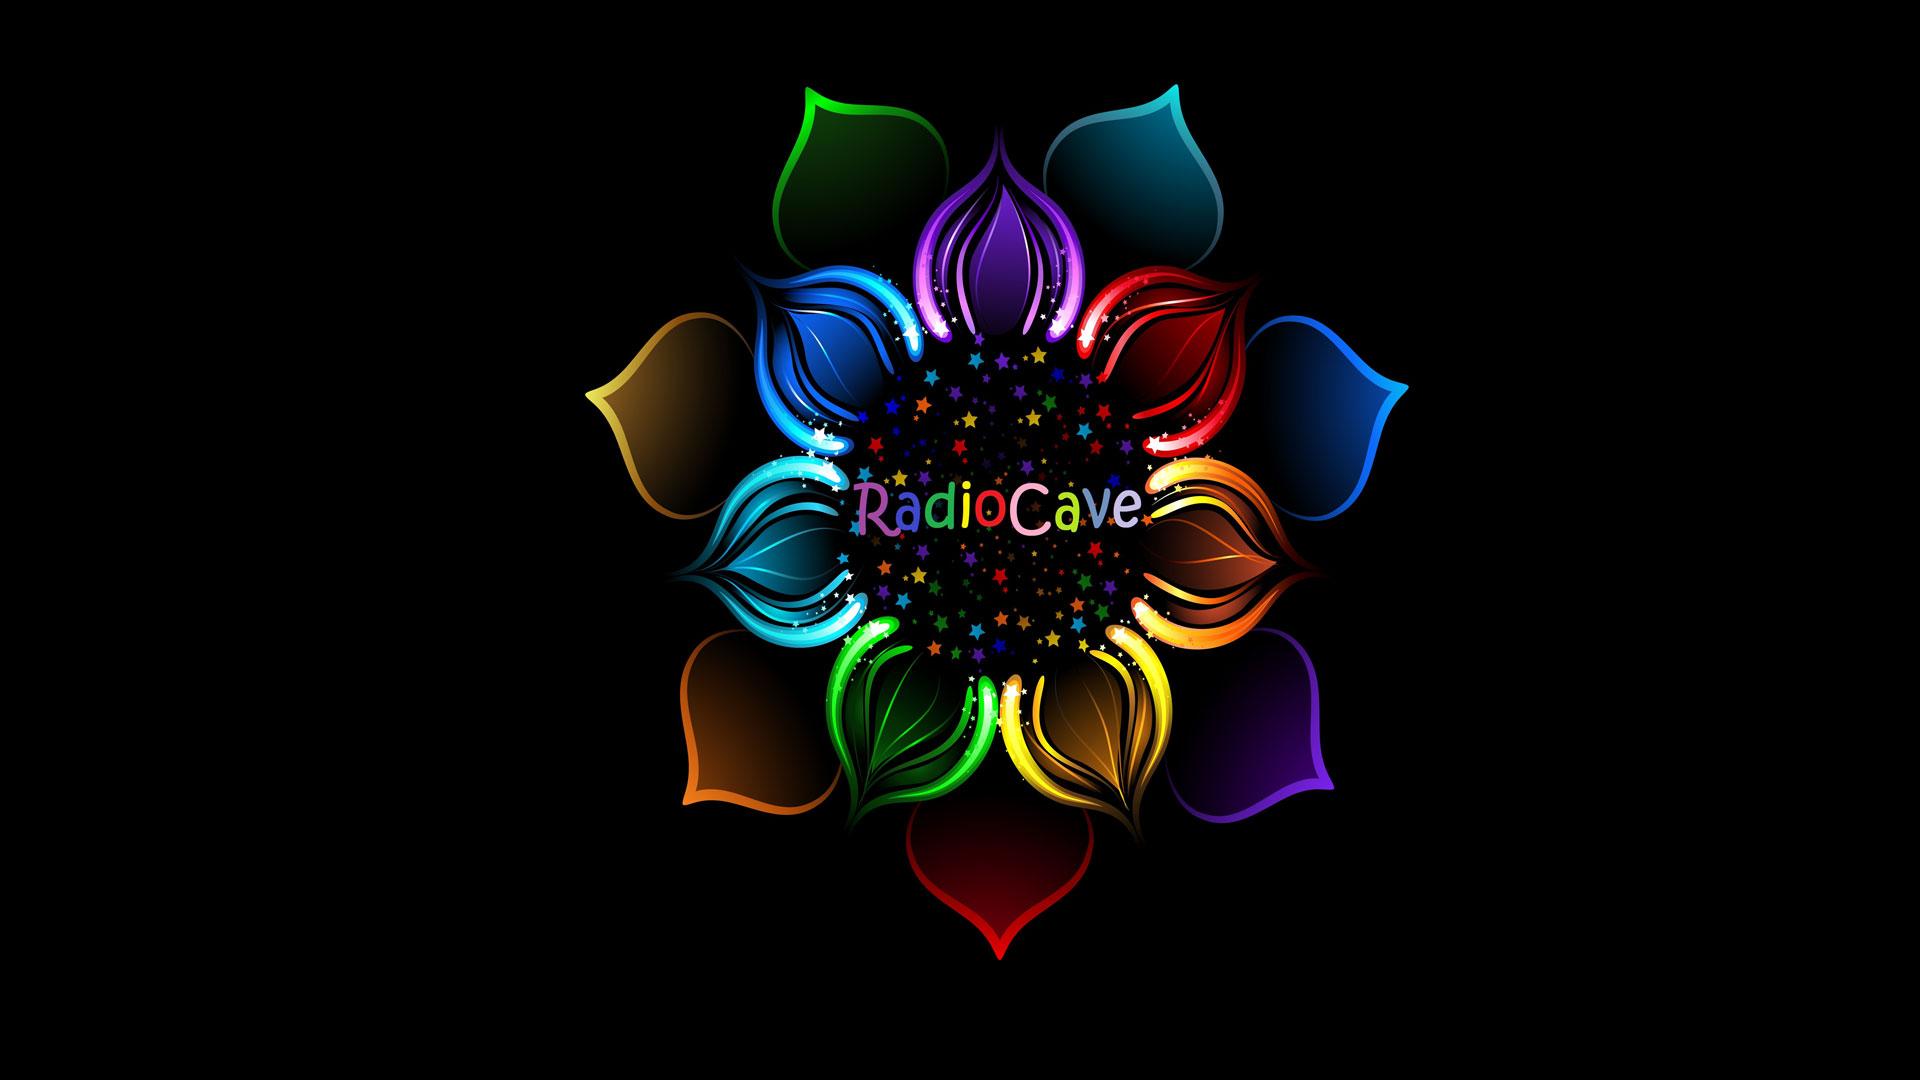 ED Radio Cave